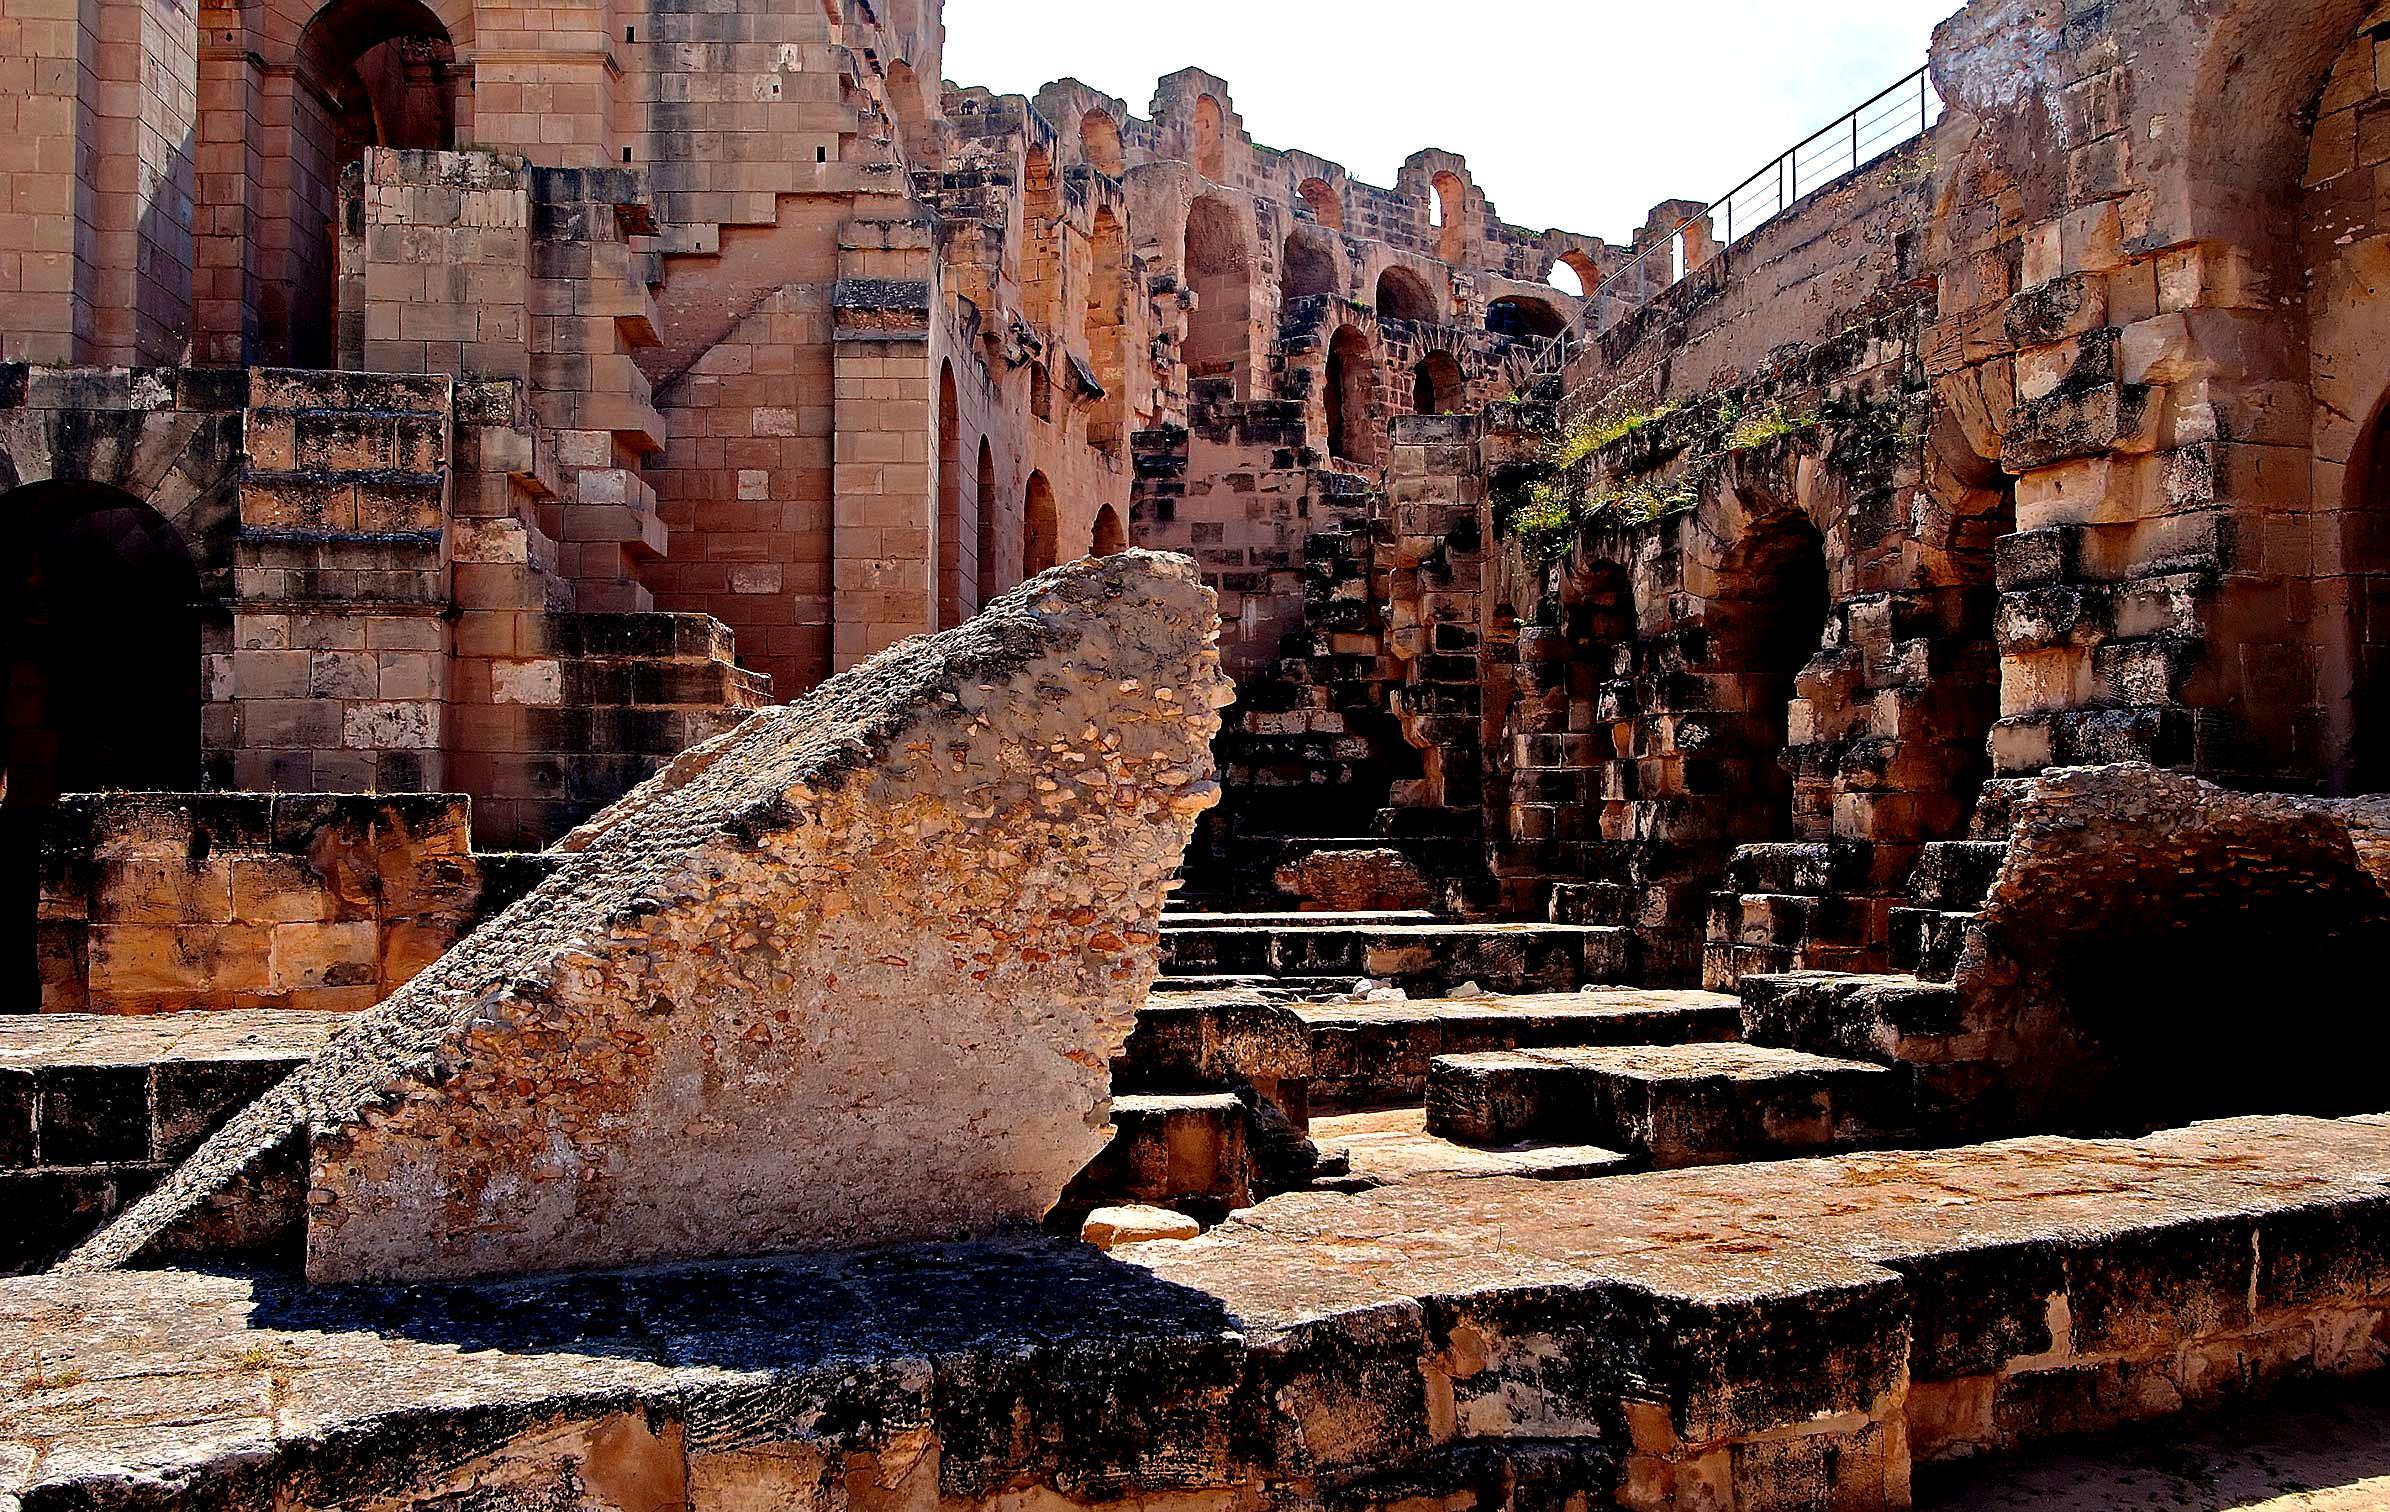 монолиты амфитеатра в Эль-Джеме